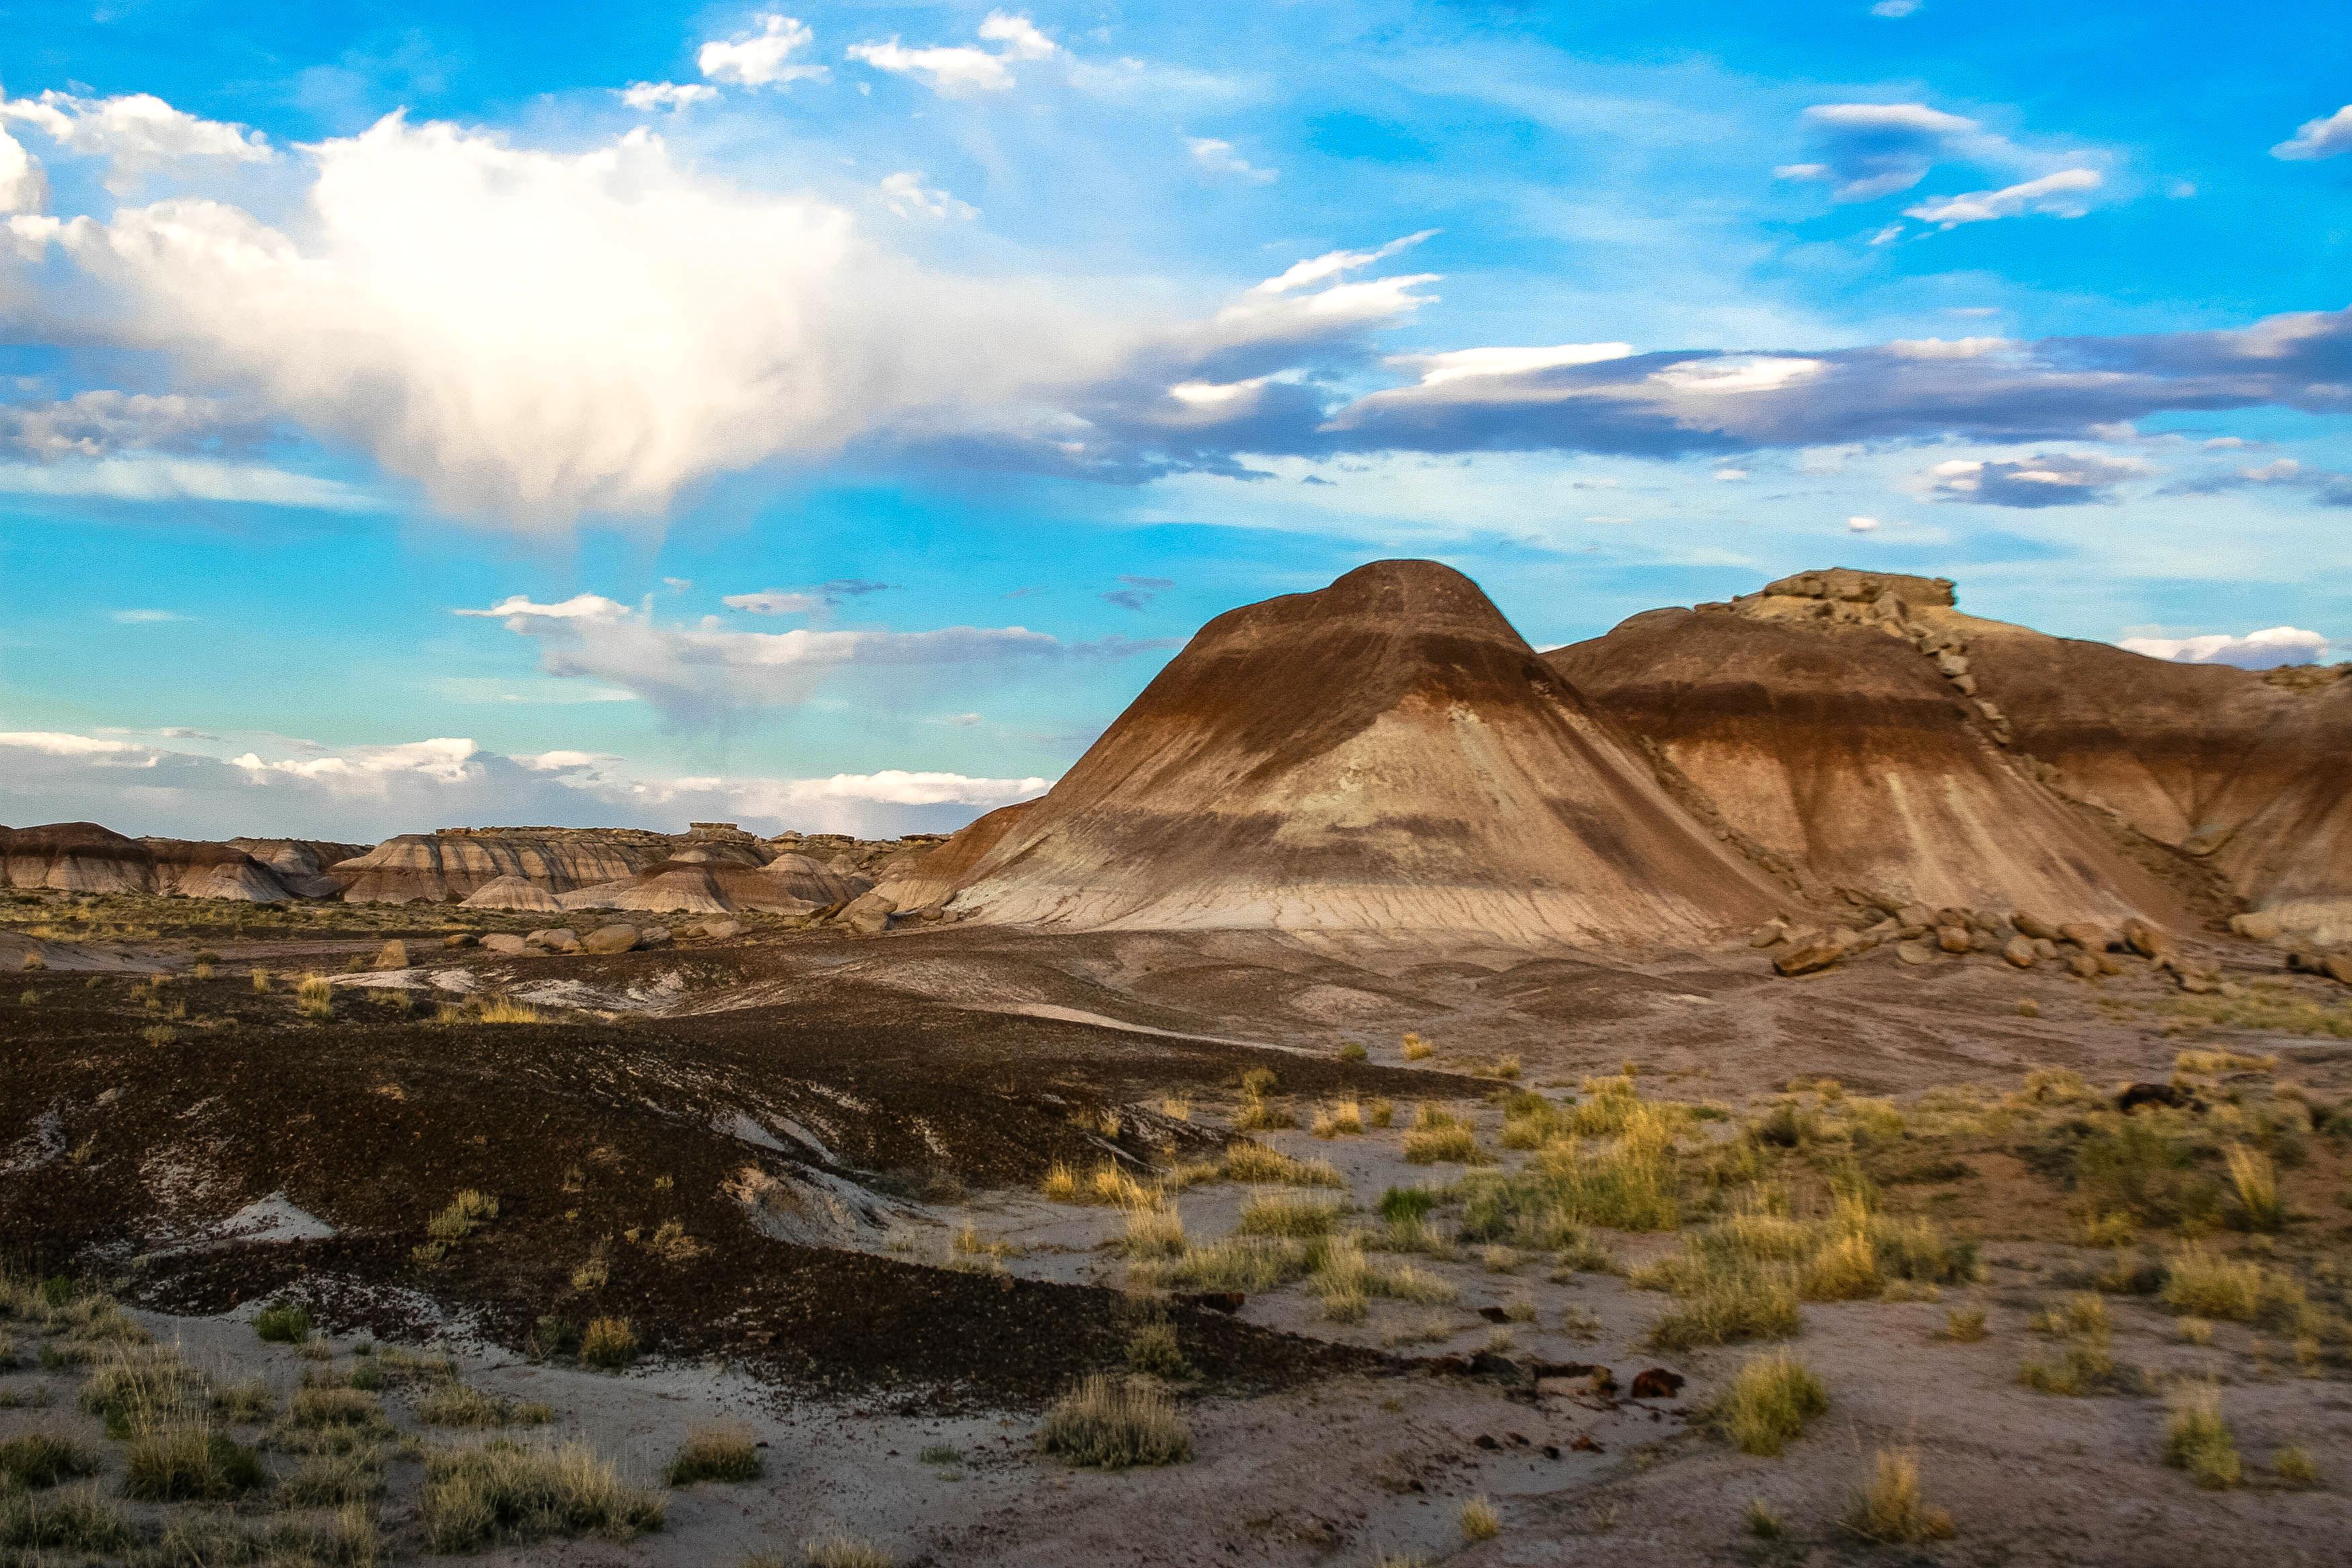 Painted Desert AZ, USA